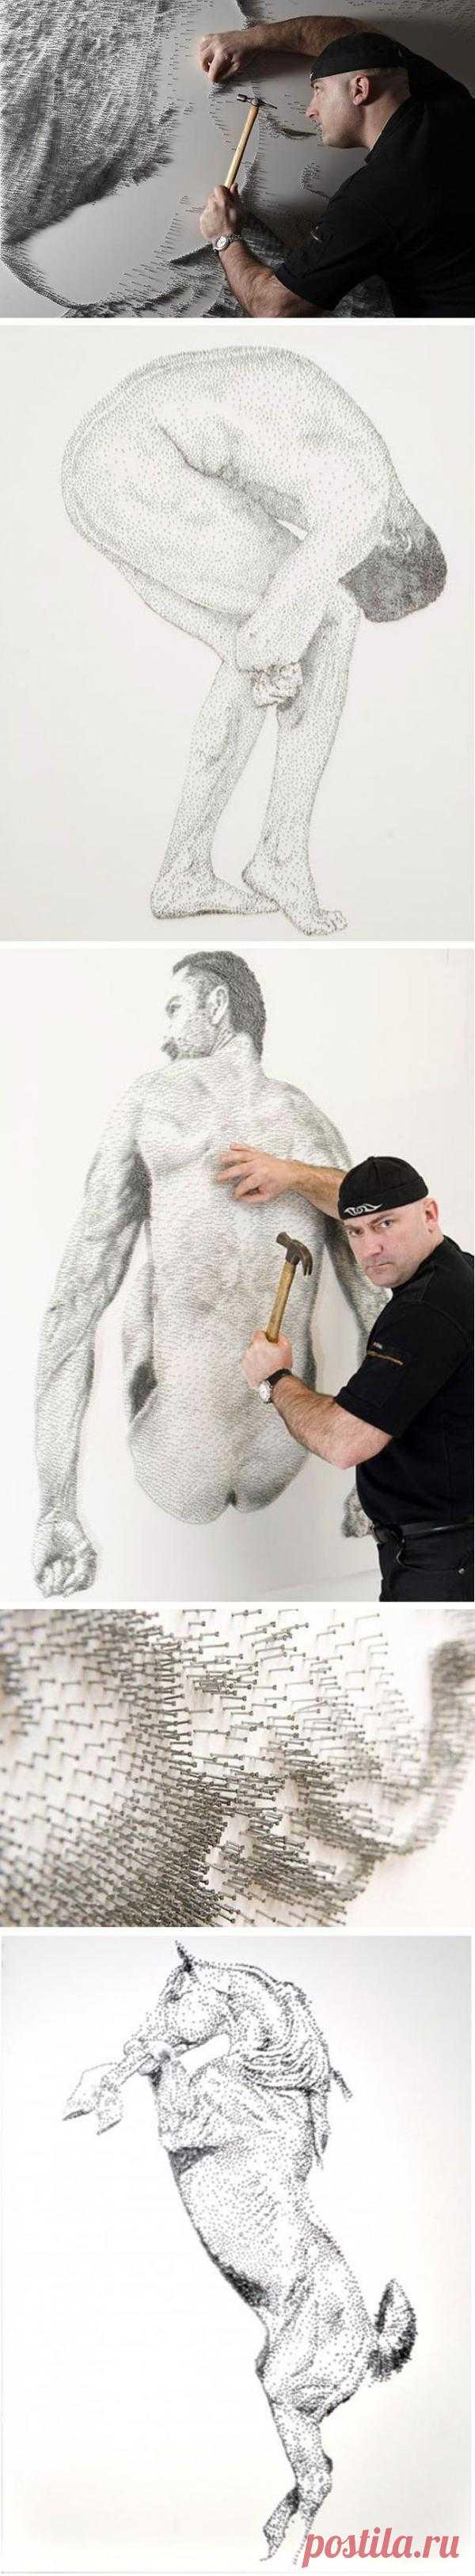 Картины из гвоздей Маркуса Левина. Чтобы создать одну такую картину нужно забить несколько десятков тысяч гвоздей. Большое значение в работах художника имеет освещение. Свет, меняющий направление и интенсивность в течение дня, создает удивительный эффект «живых» картин